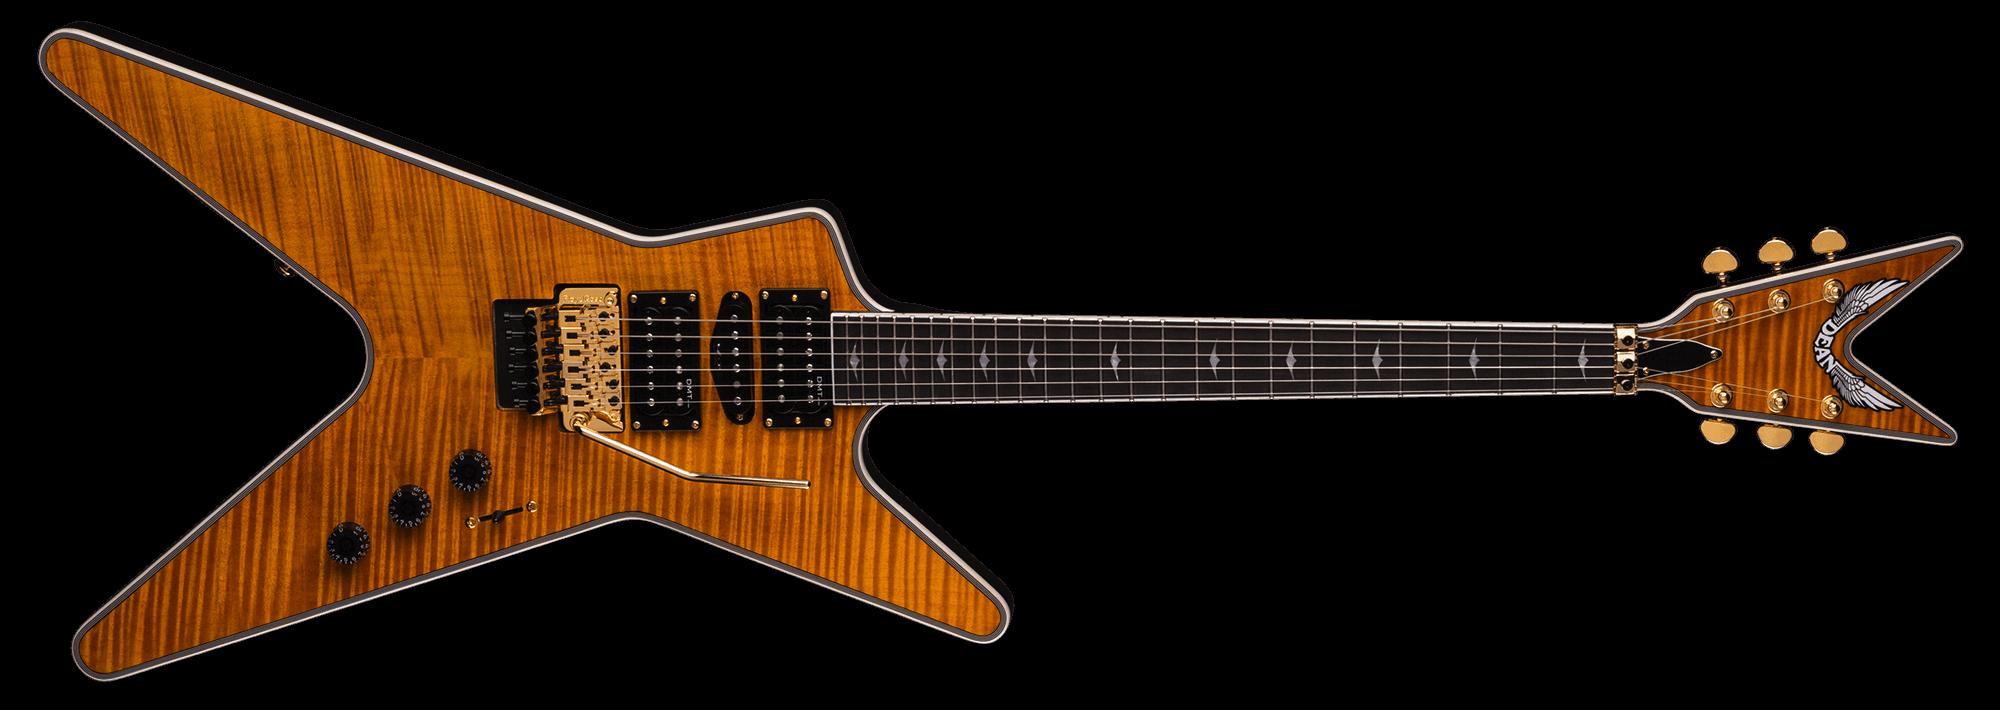 2000x710 Guitar Png